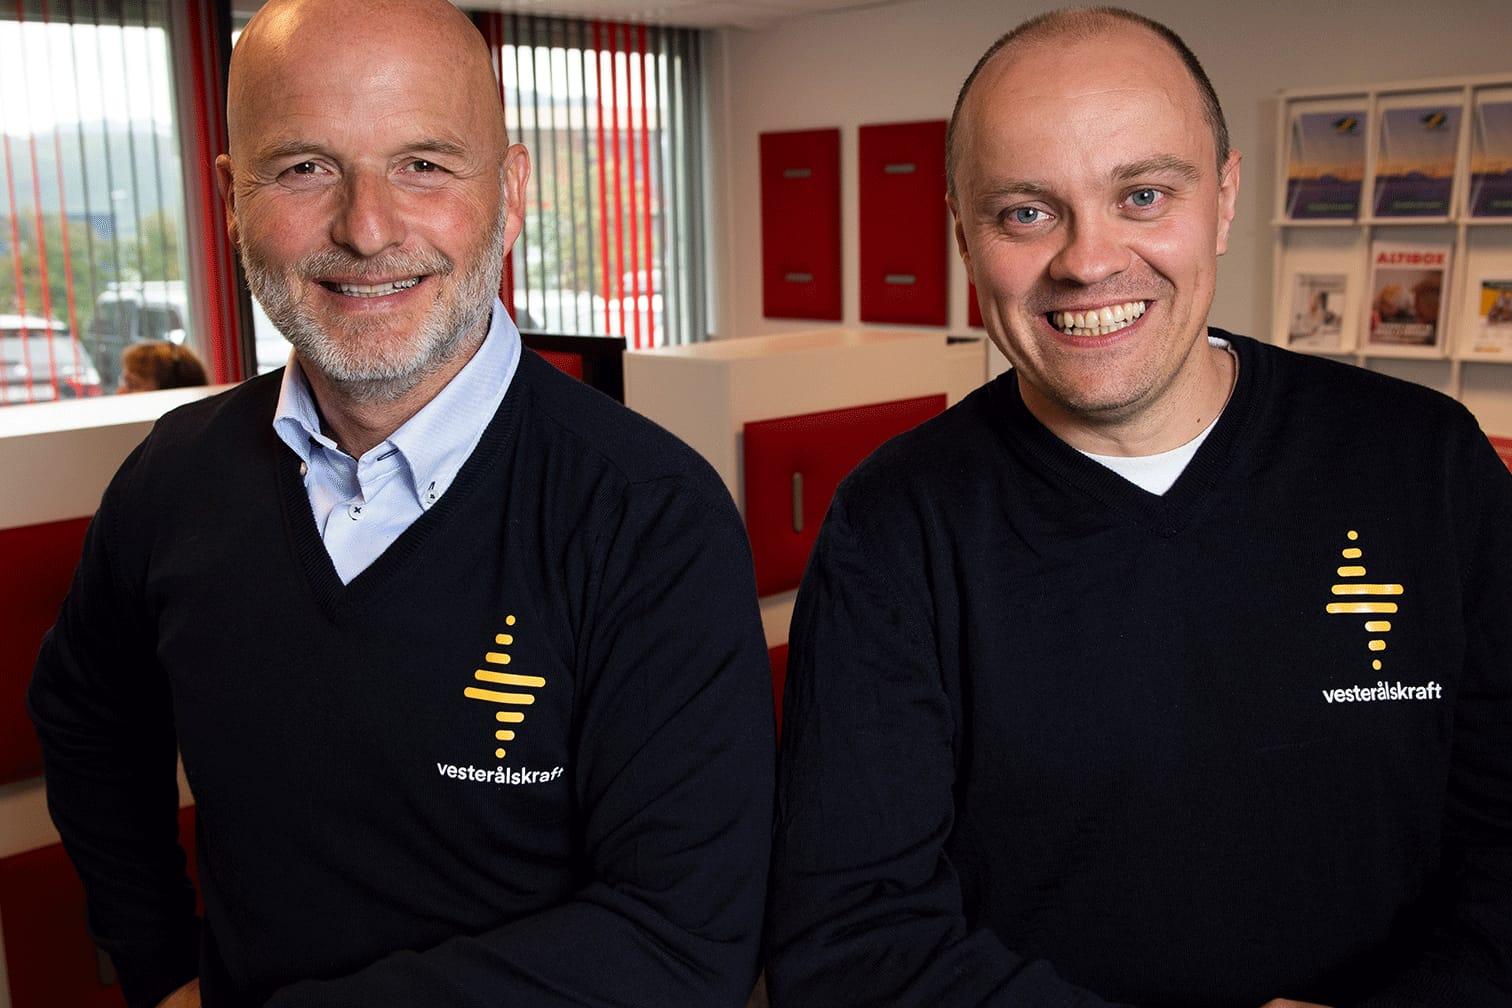 Konserndirektør Halvard Pettersen (t.v) og daglig leder Stig Abelsen er svært fornøyd med at Vesterålskraft Strøm blir en del av Fjordkraft